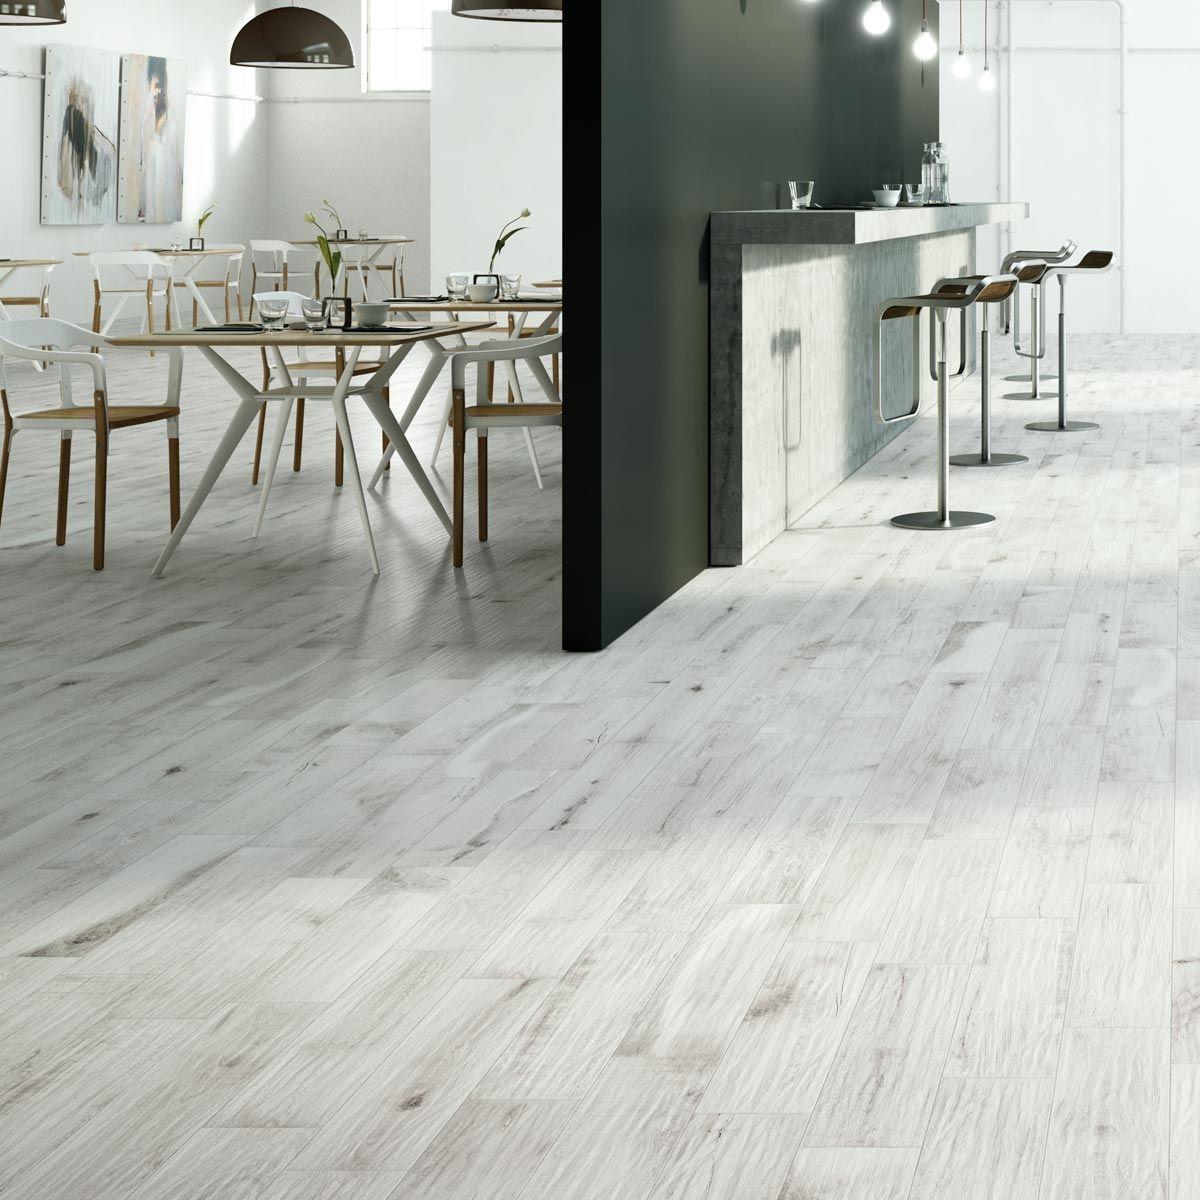 Light grey wood effect floor tiles httpdreamhomesbyrob light grey wood effect floor tiles dailygadgetfo Gallery